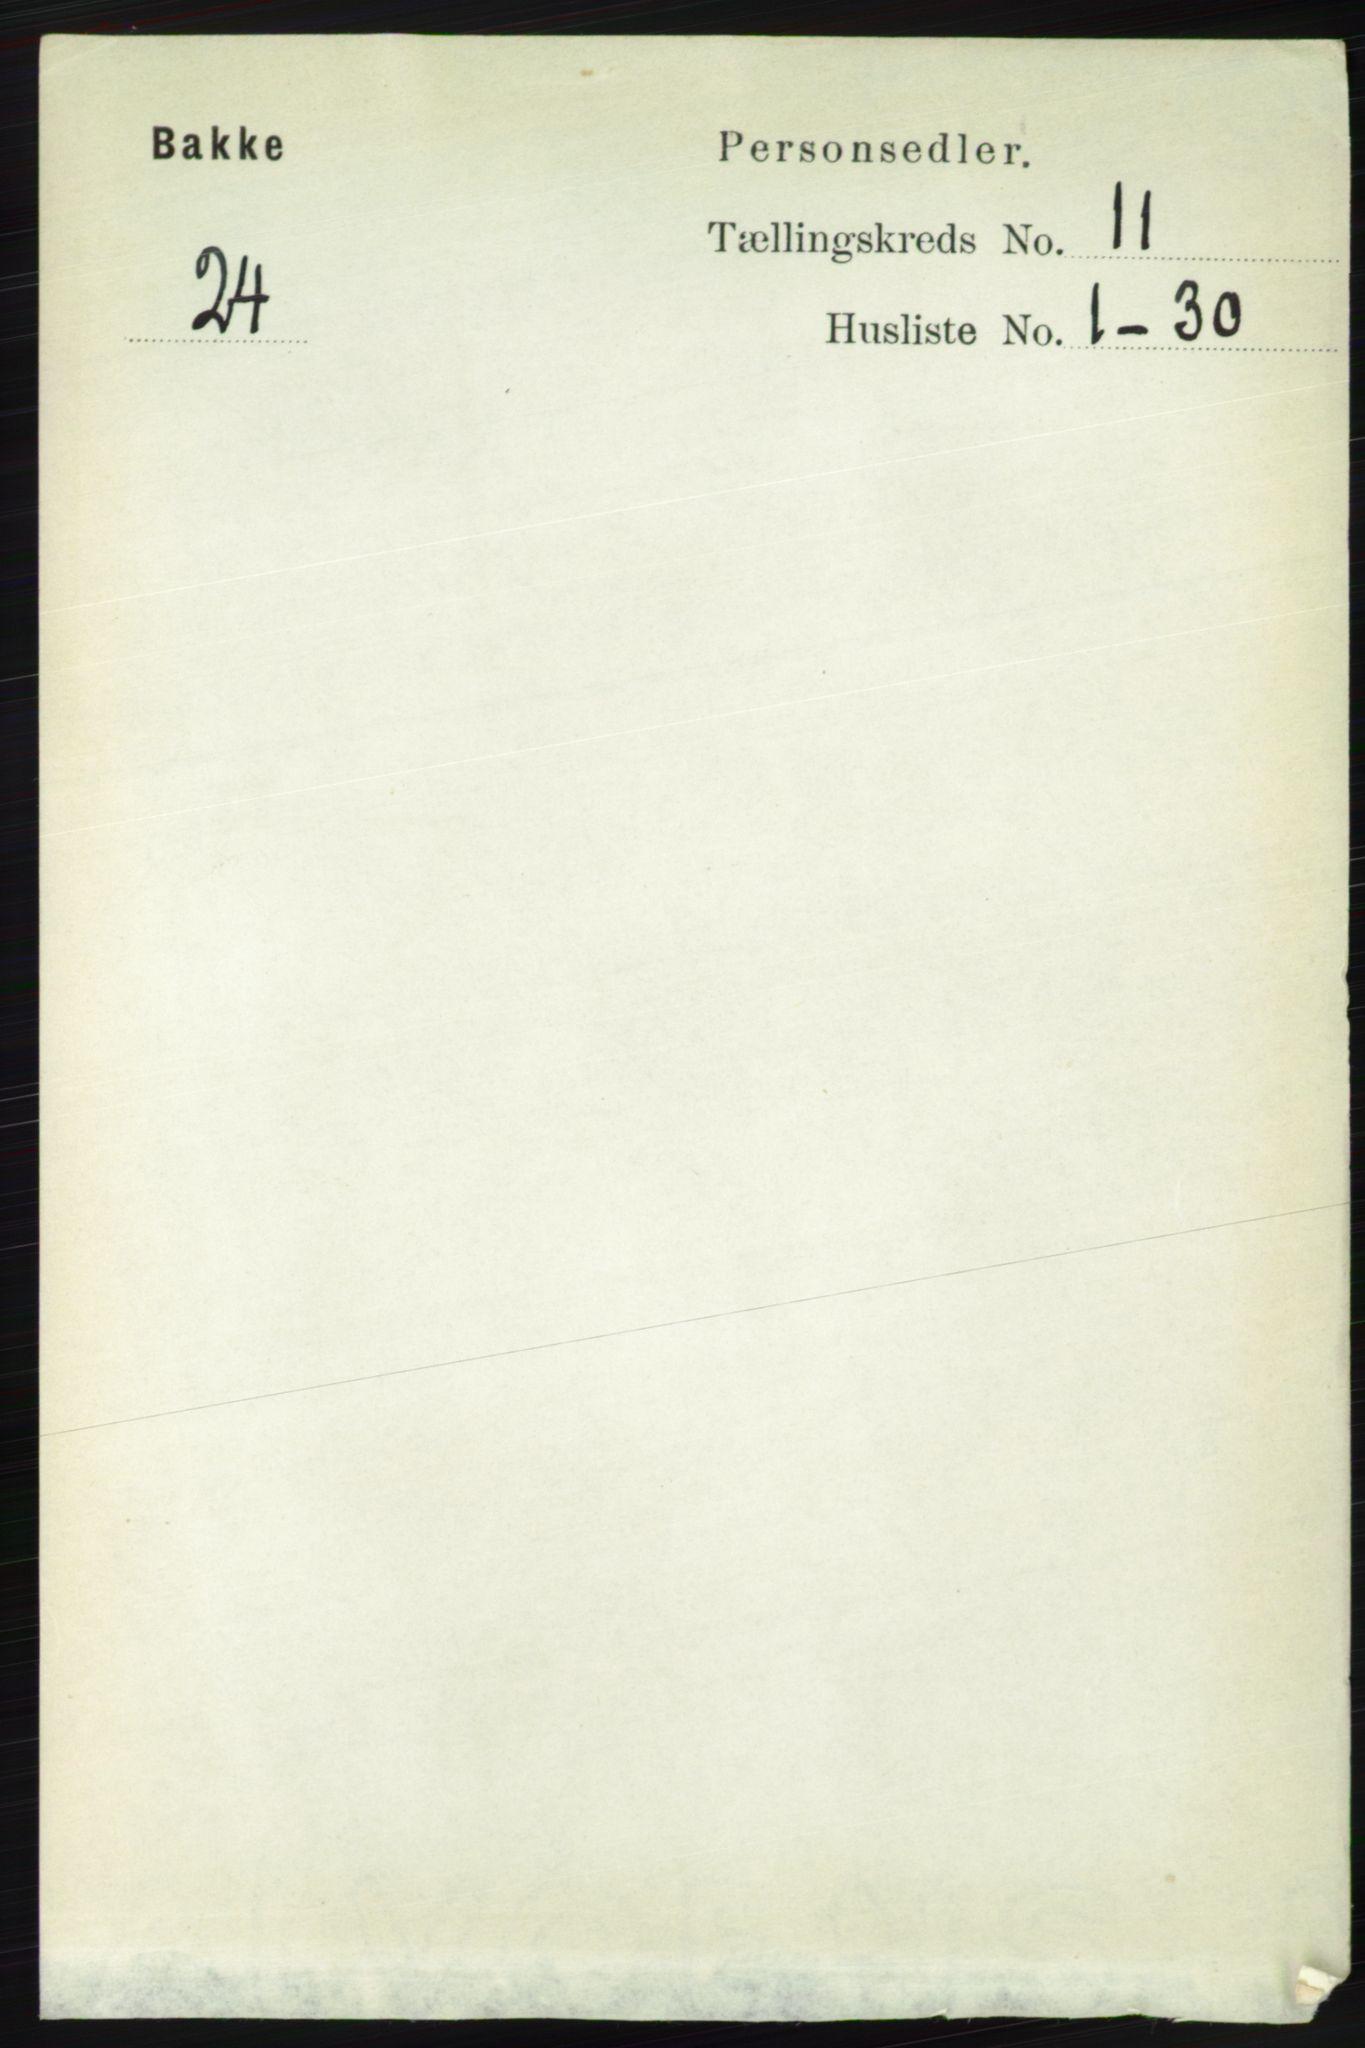 RA, Folketelling 1891 for 1045 Bakke herred, 1891, s. 2235